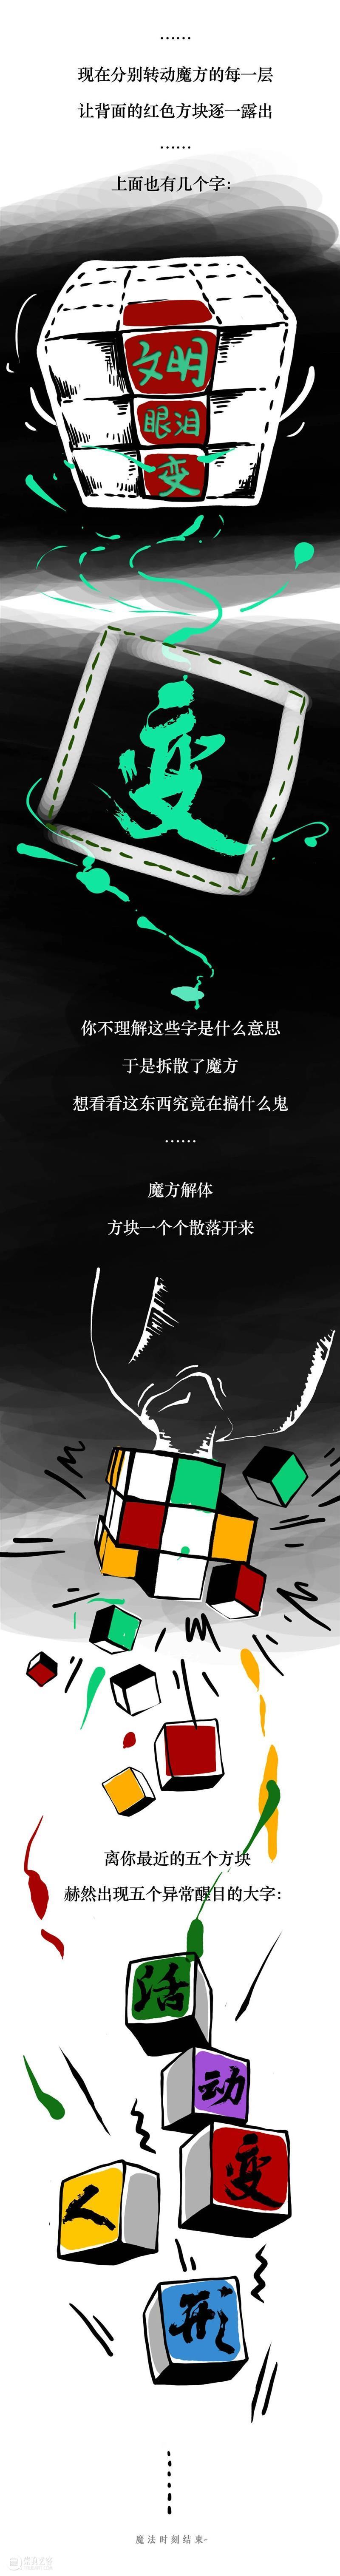 吵架,痛苦,逃;文明,眼泪,变! 文明 眼泪 活动变人形 中国 作家 王蒙 长篇小说 影响力 小说 倪吾诚 崇真艺客